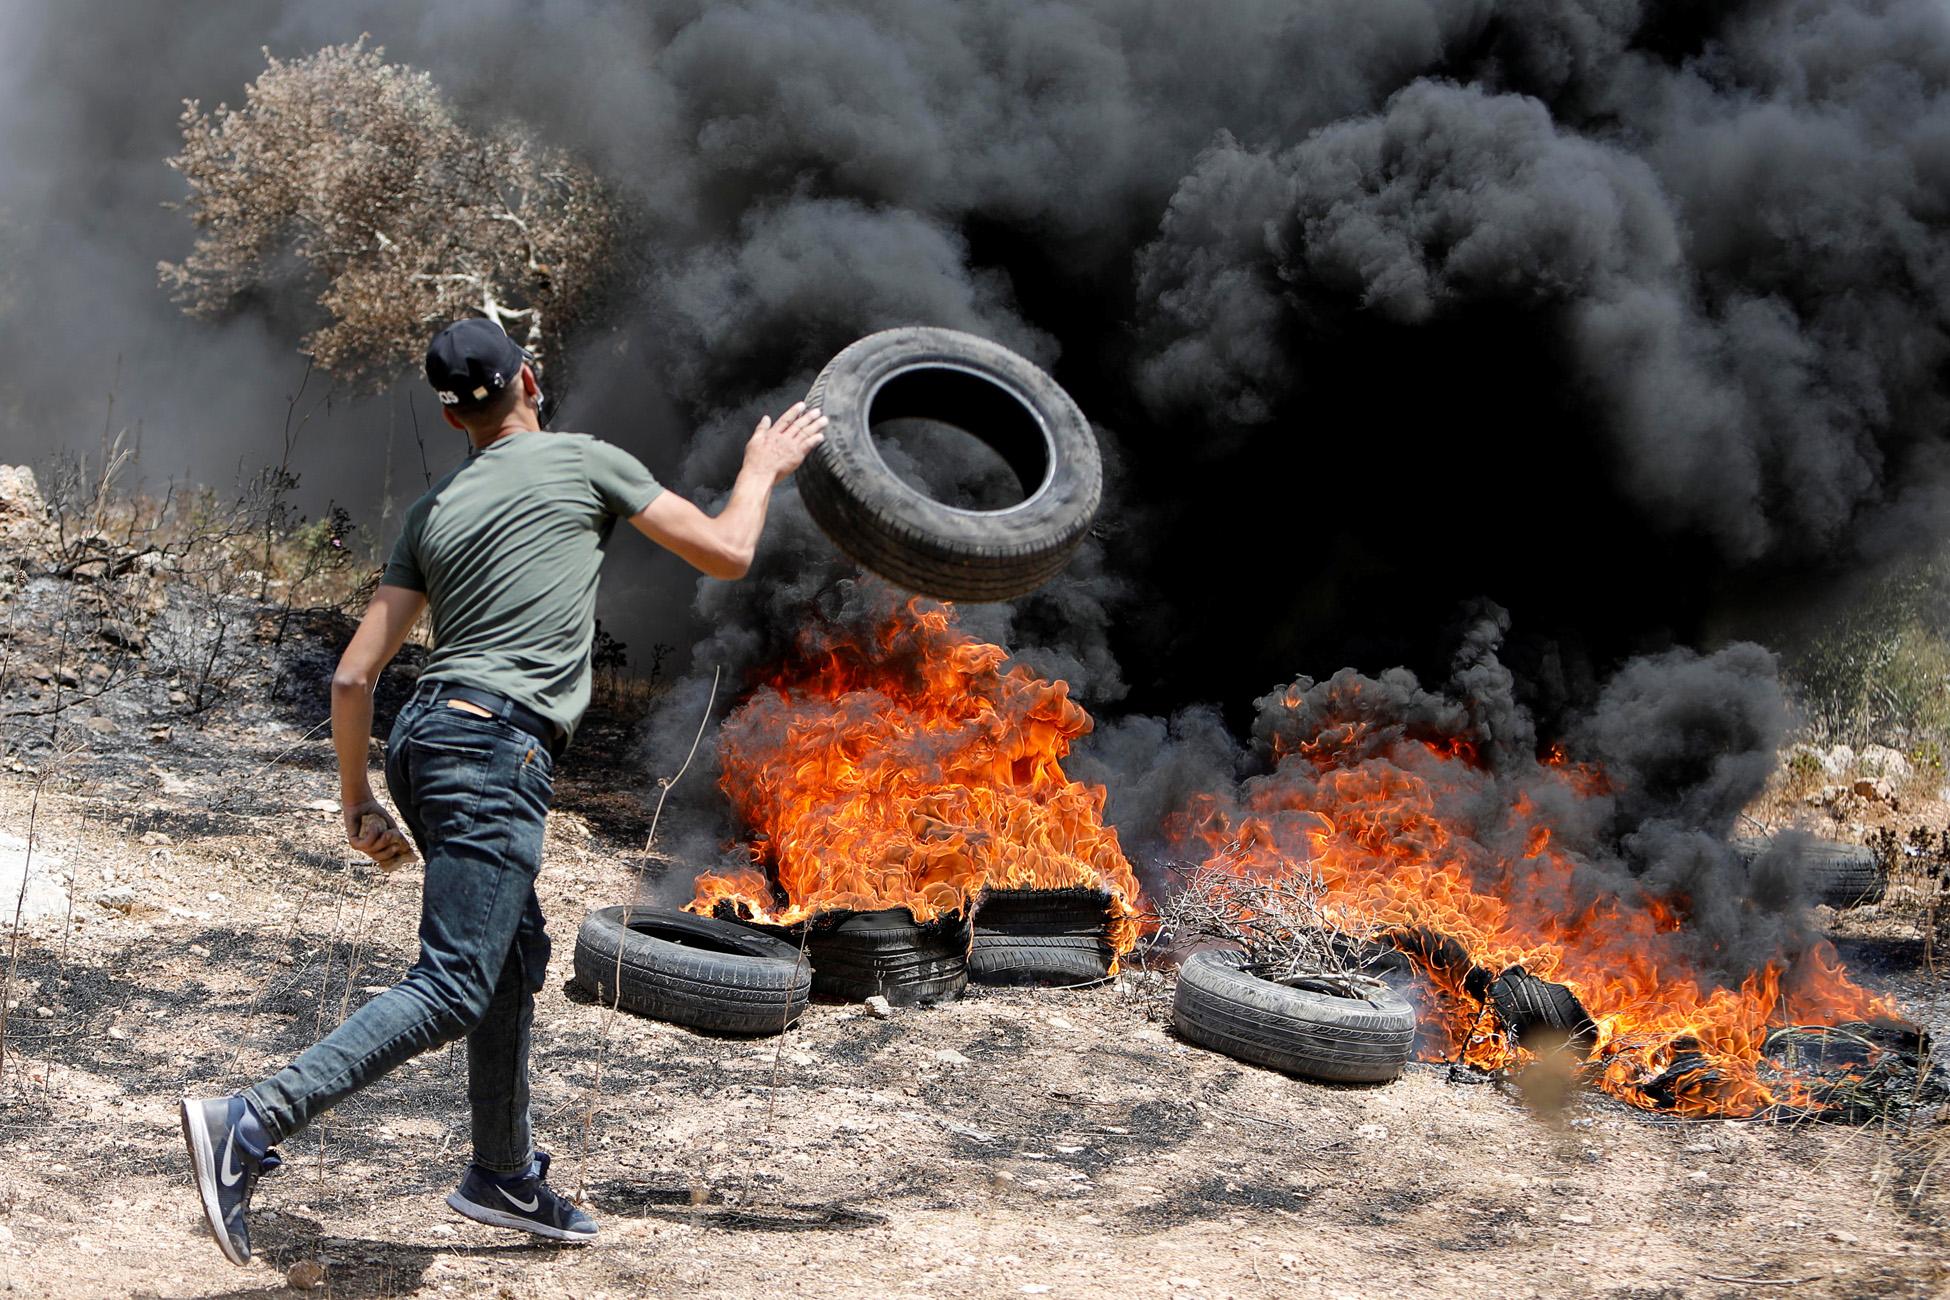 Παλαιστίνιος διαδηλωτής νεκρός από πυρά ισραηλινών στρατιωτών